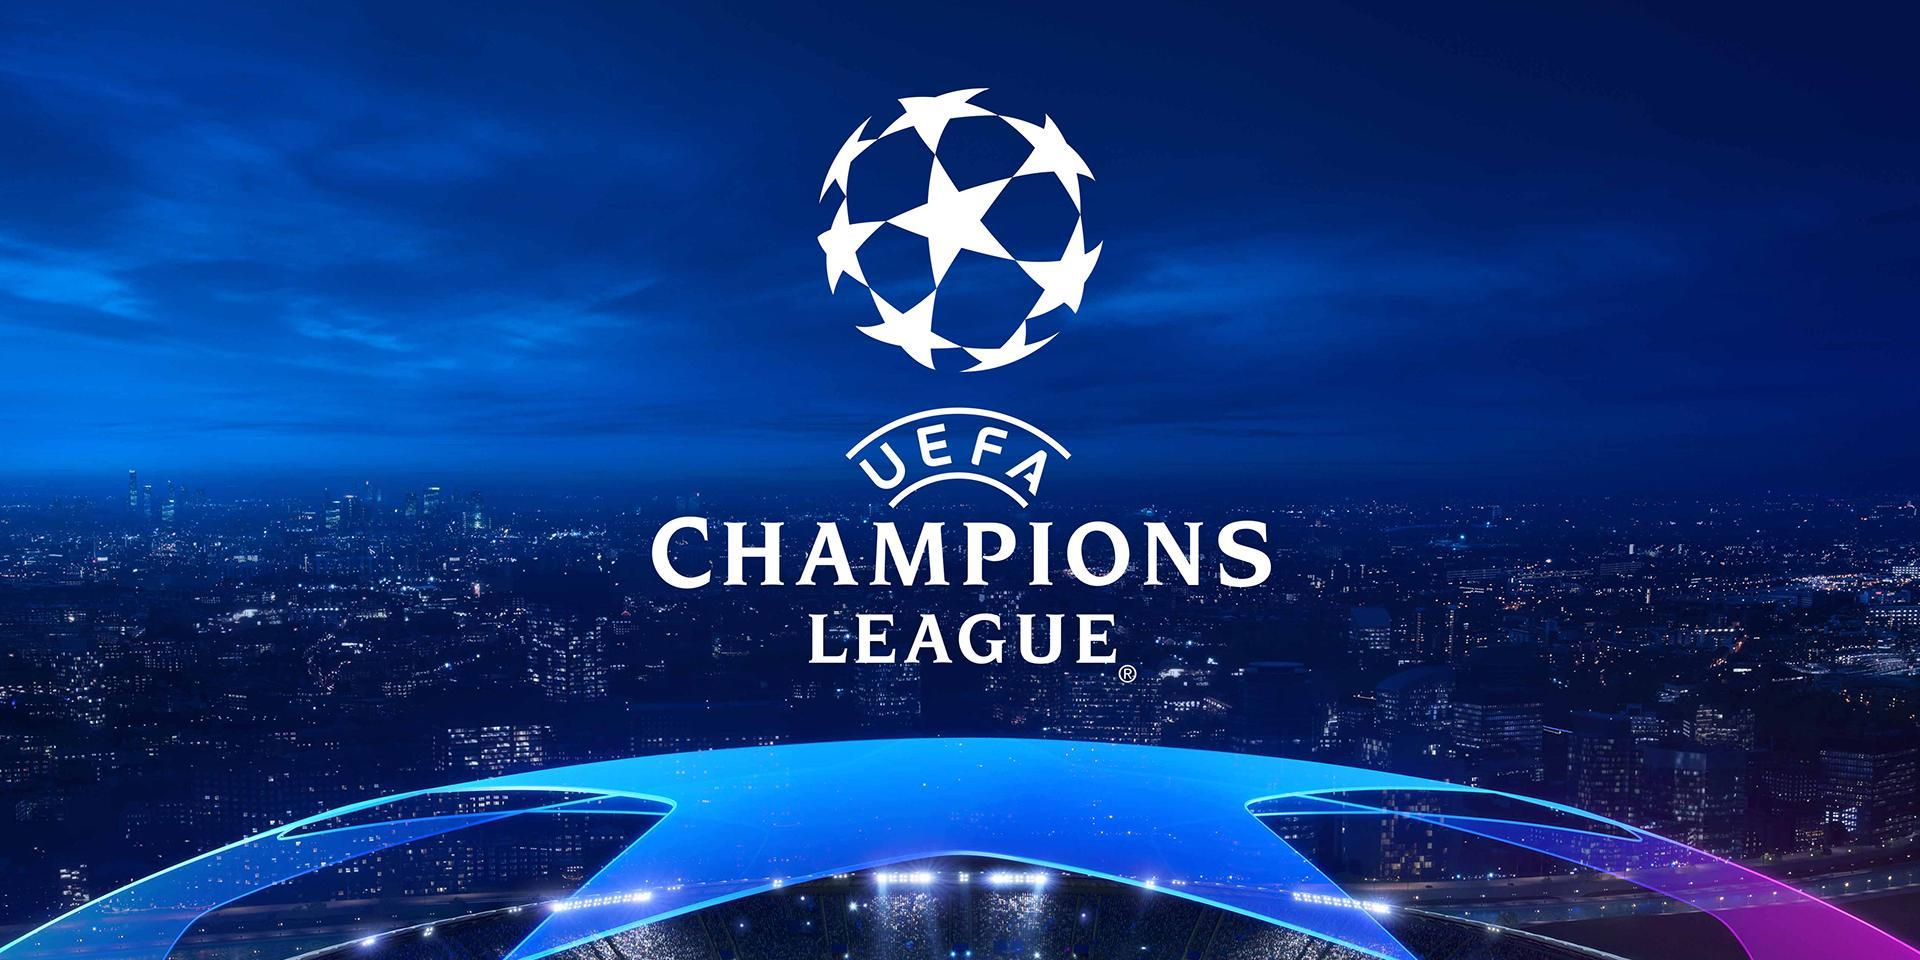 Wer Hat Die Champions League 2021 Gewonnen